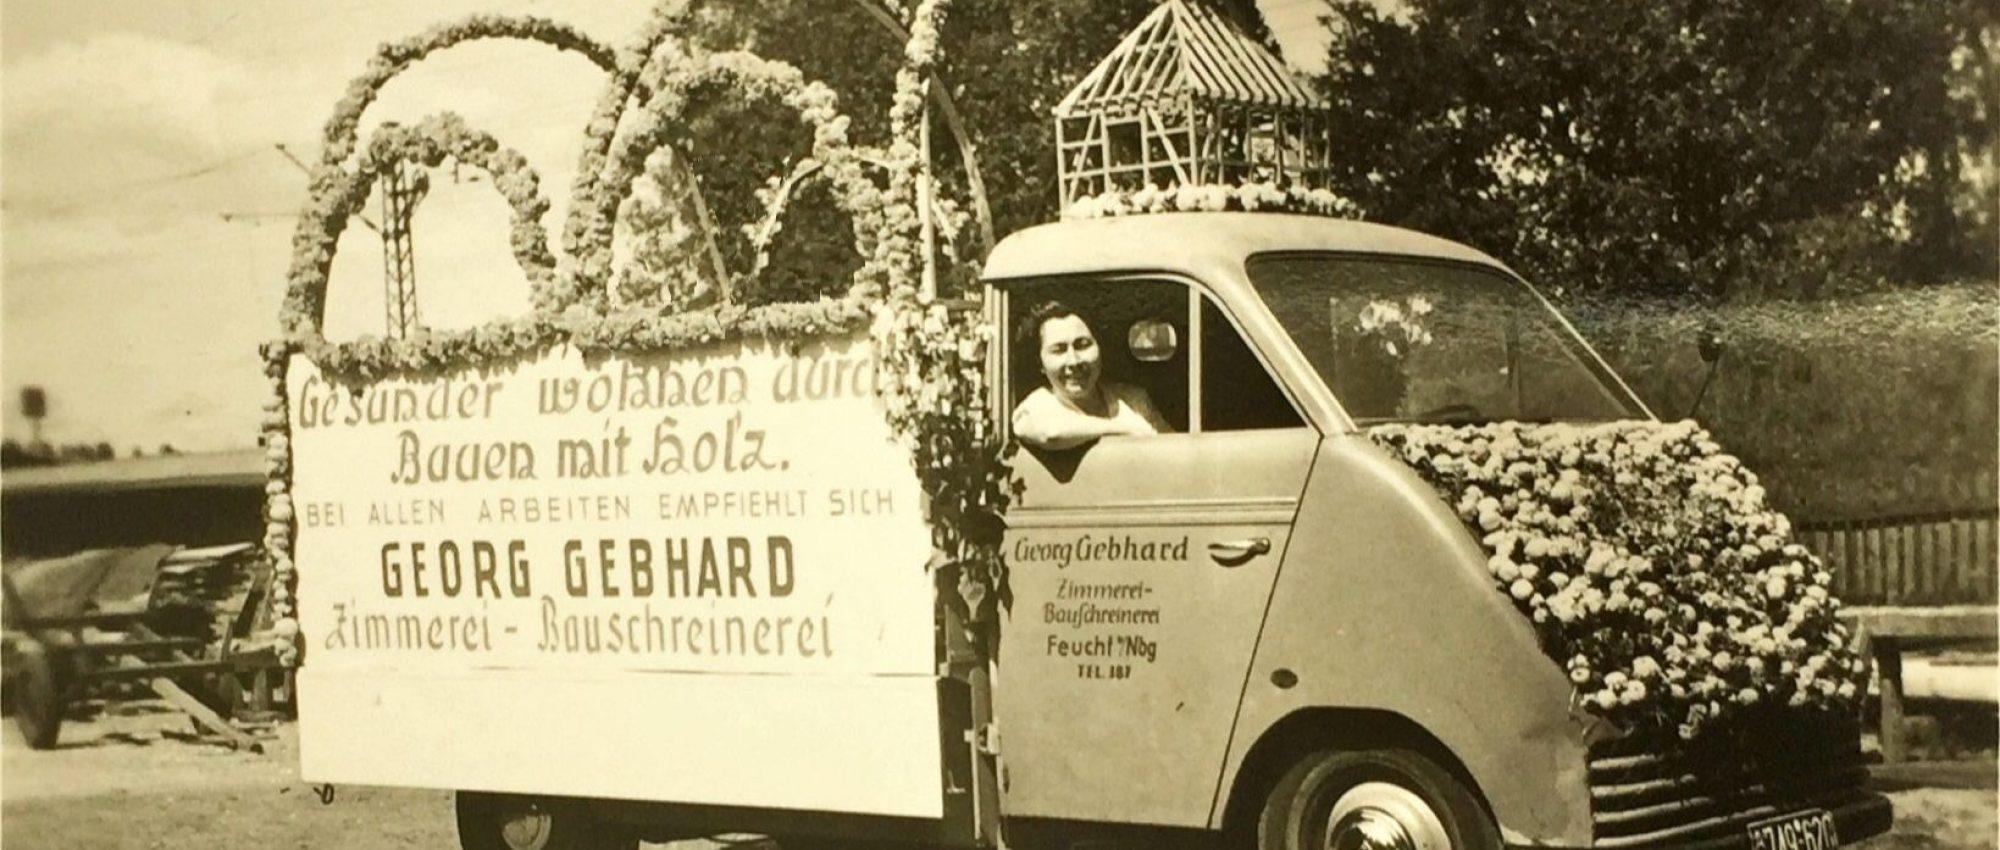 über 90 Jahre Familienunternehmen